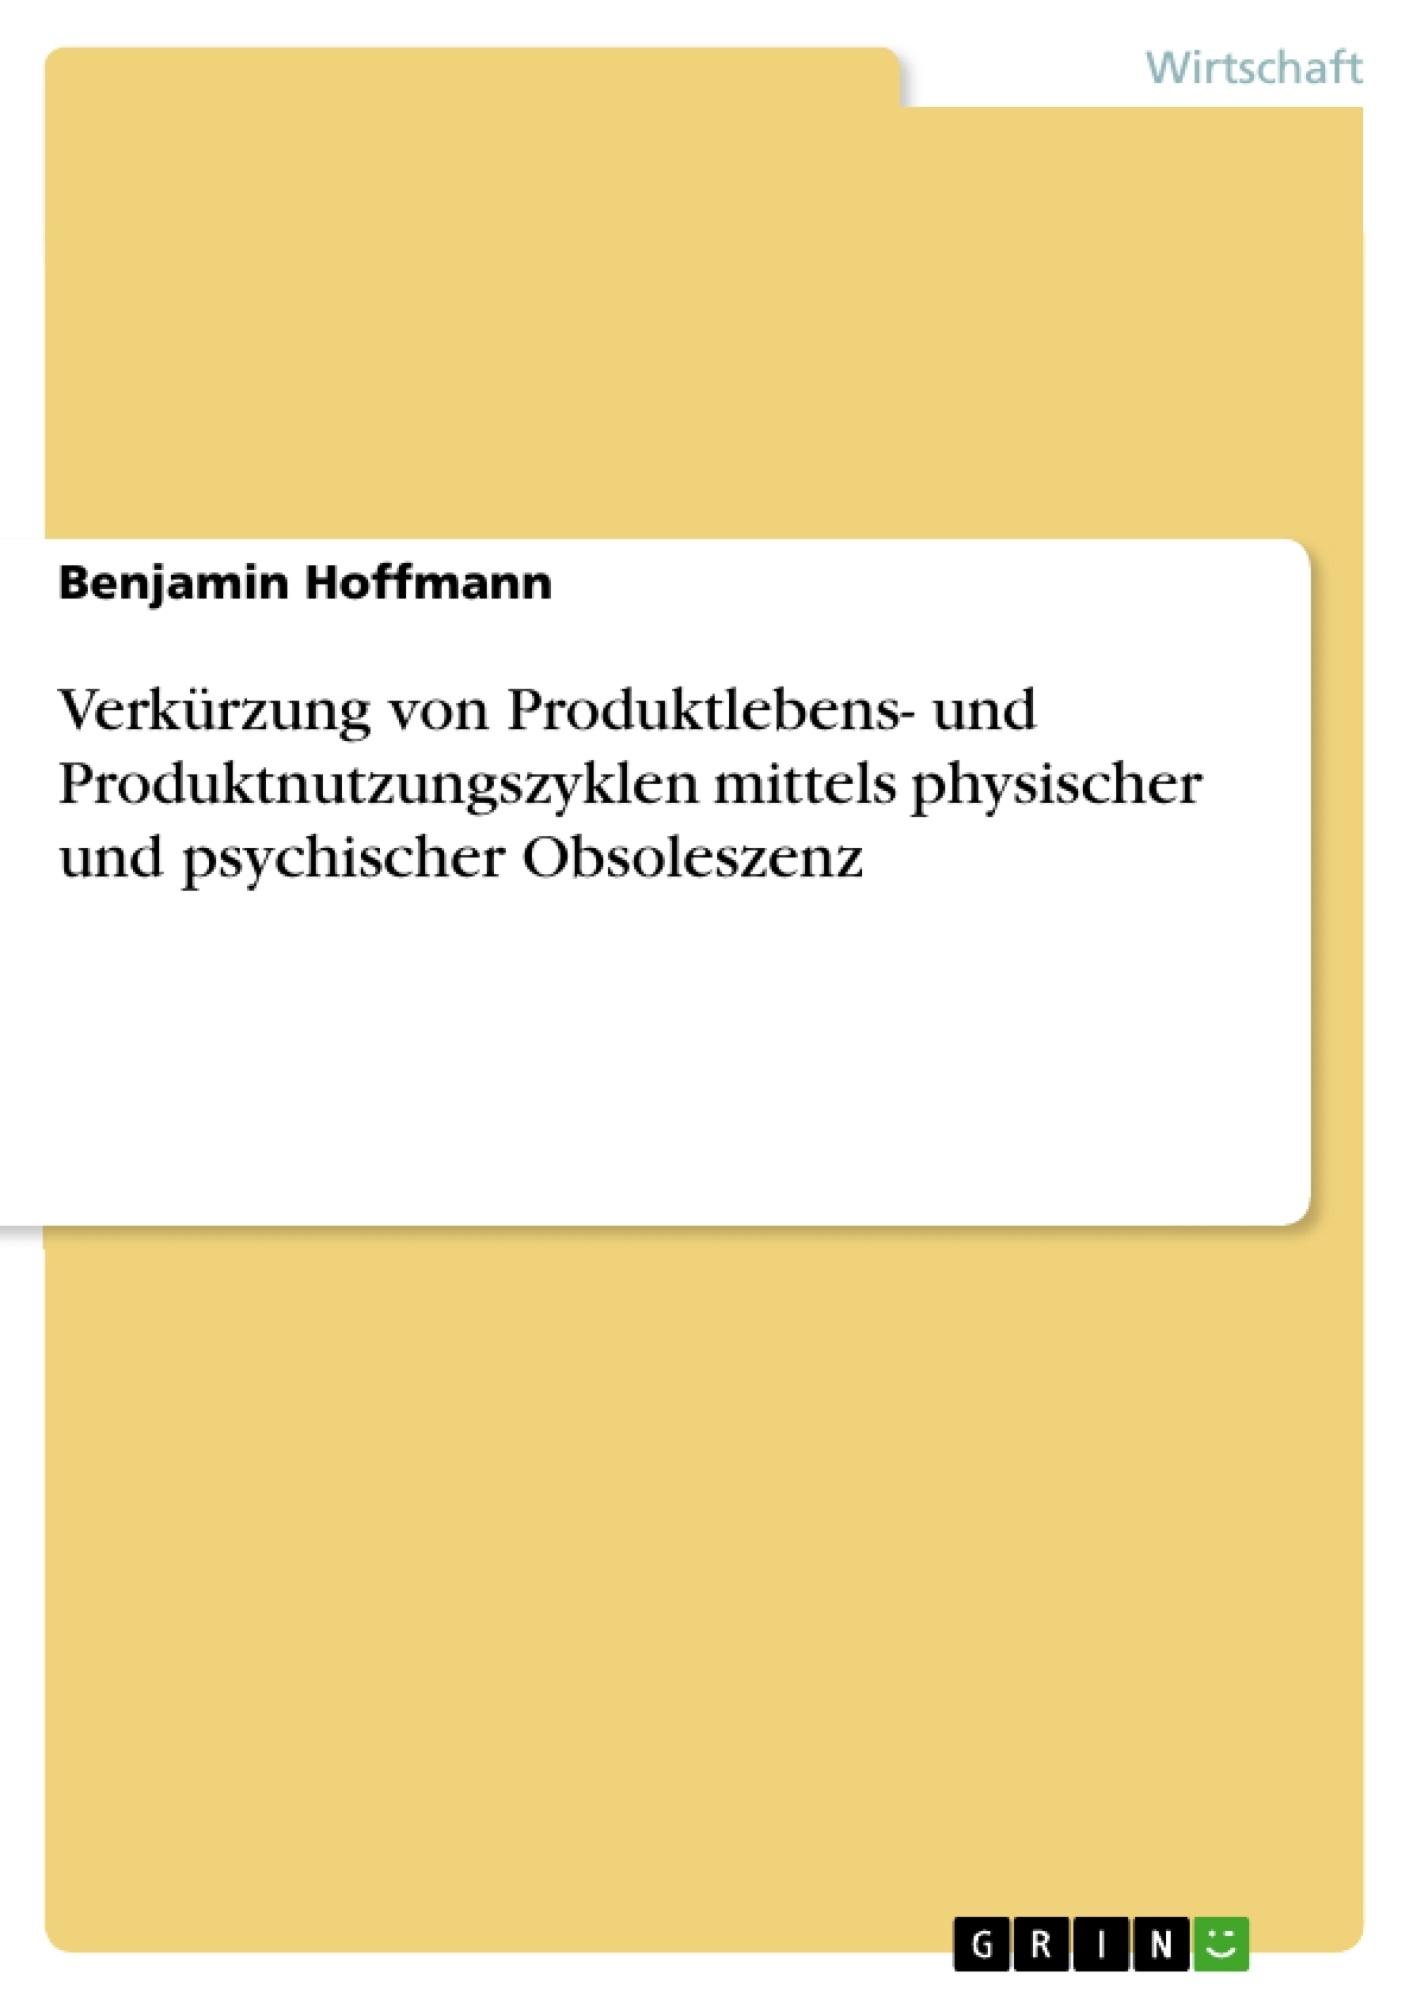 Titel: Verkürzung von Produktlebens- und Produktnutzungszyklen mittels physischer und psychischer Obsoleszenz